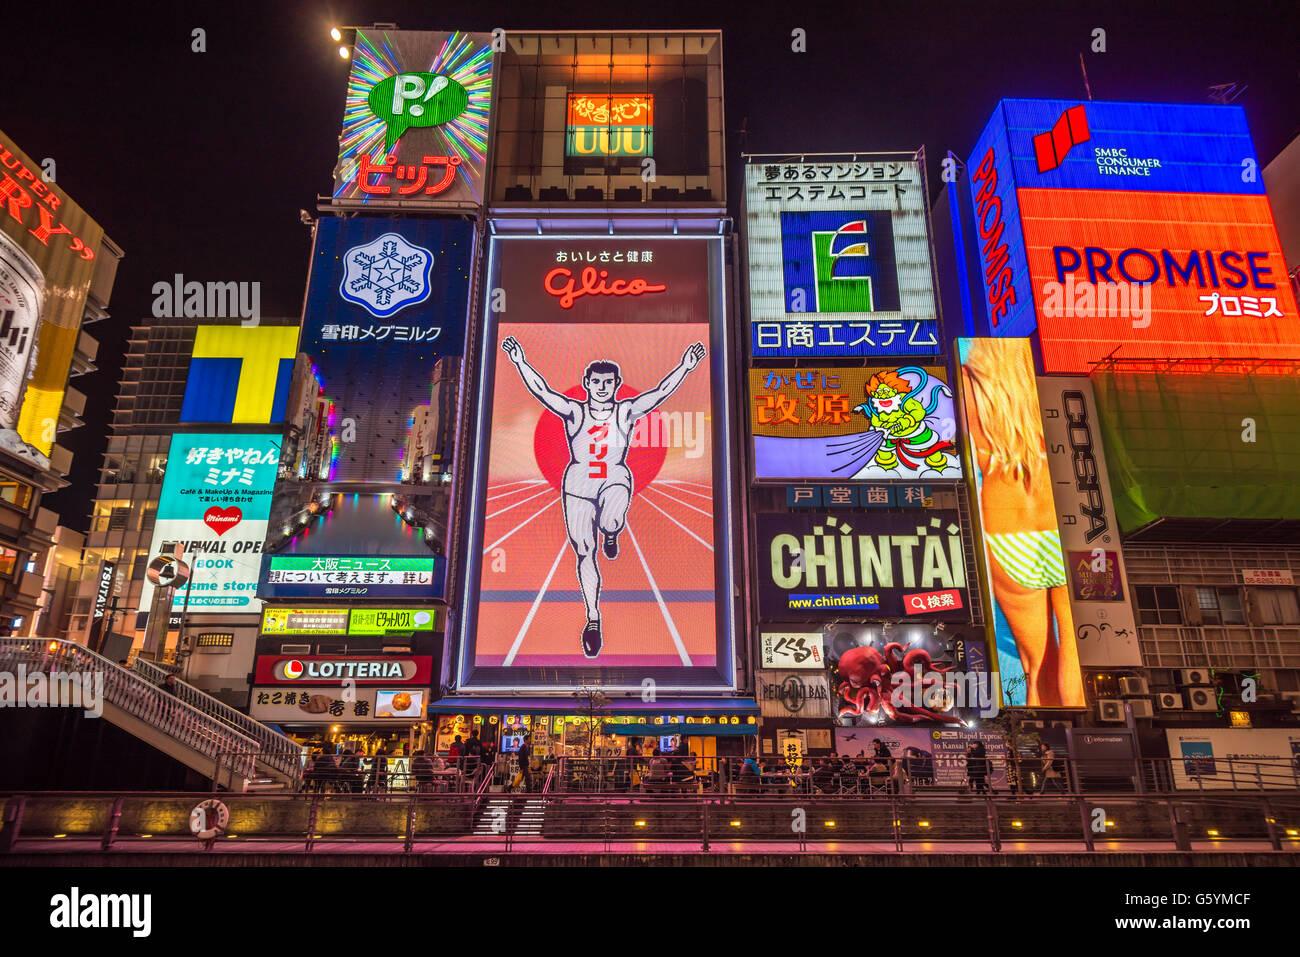 OSAKA, Giappone - 15 Novembre 2014: Glico uomo insegna al neon nel quartiere Dotonbori, Osaka Immagini Stock